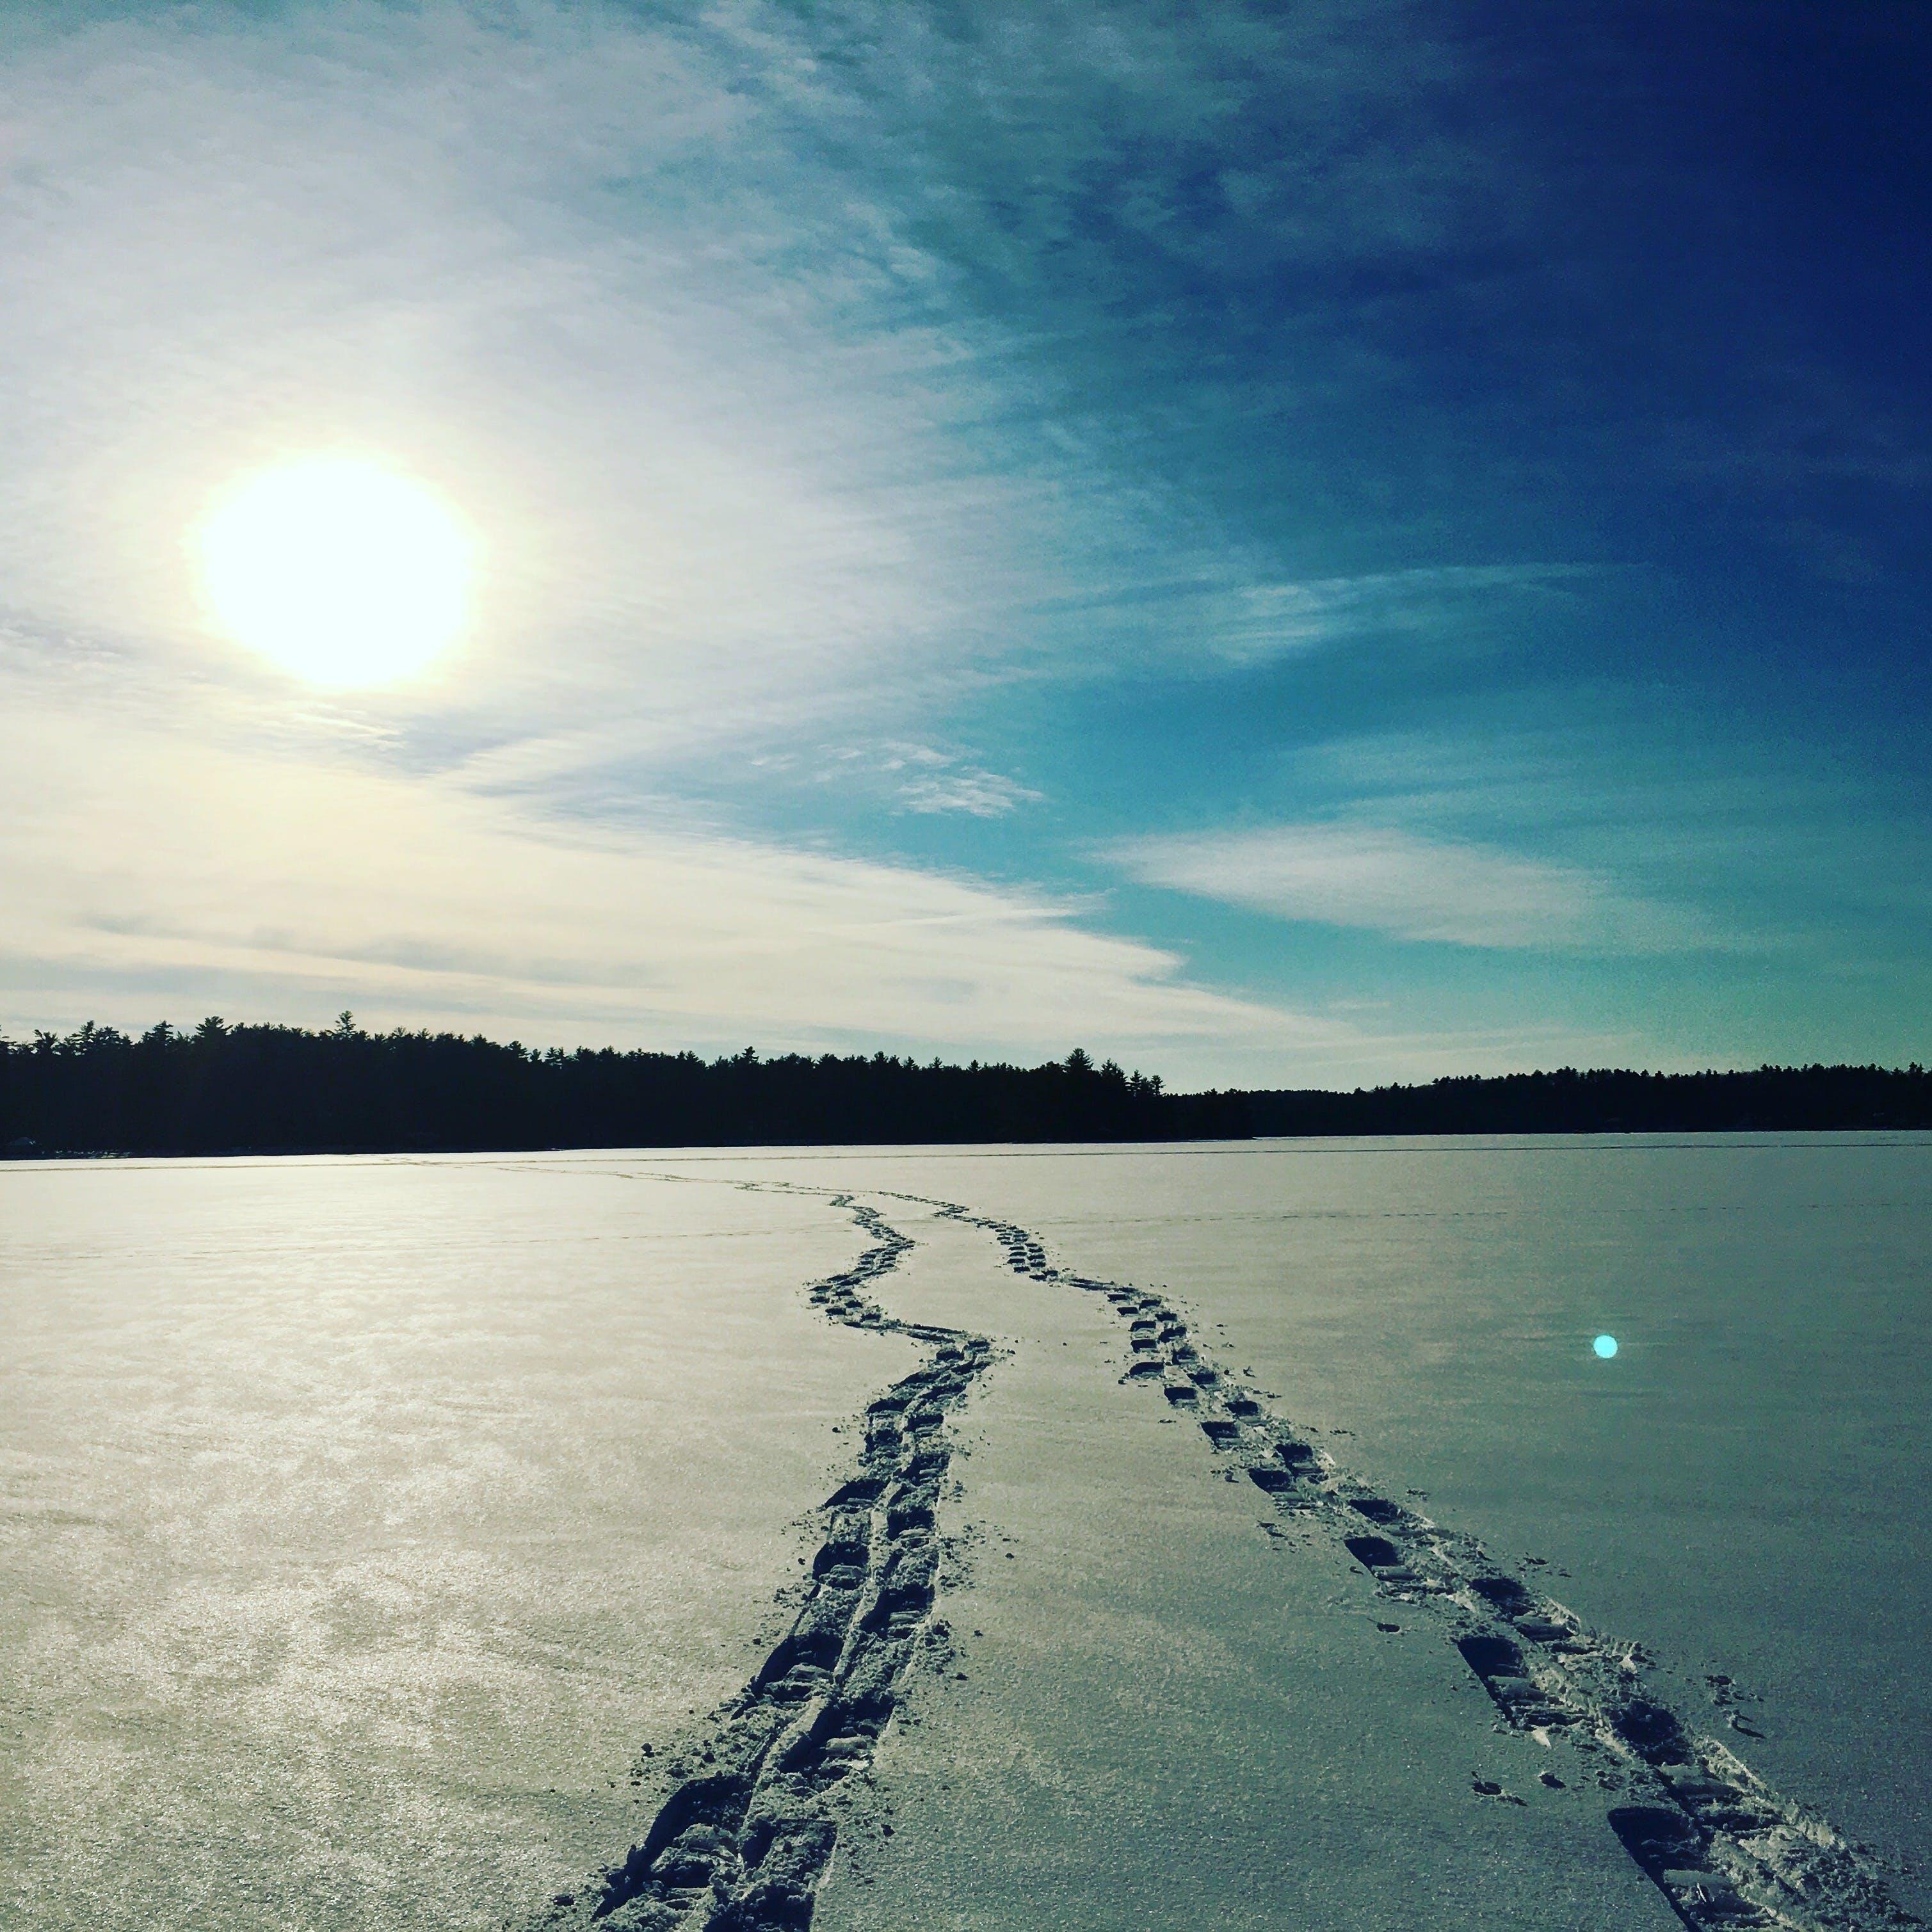 frozen lake, frozen terrain, maine